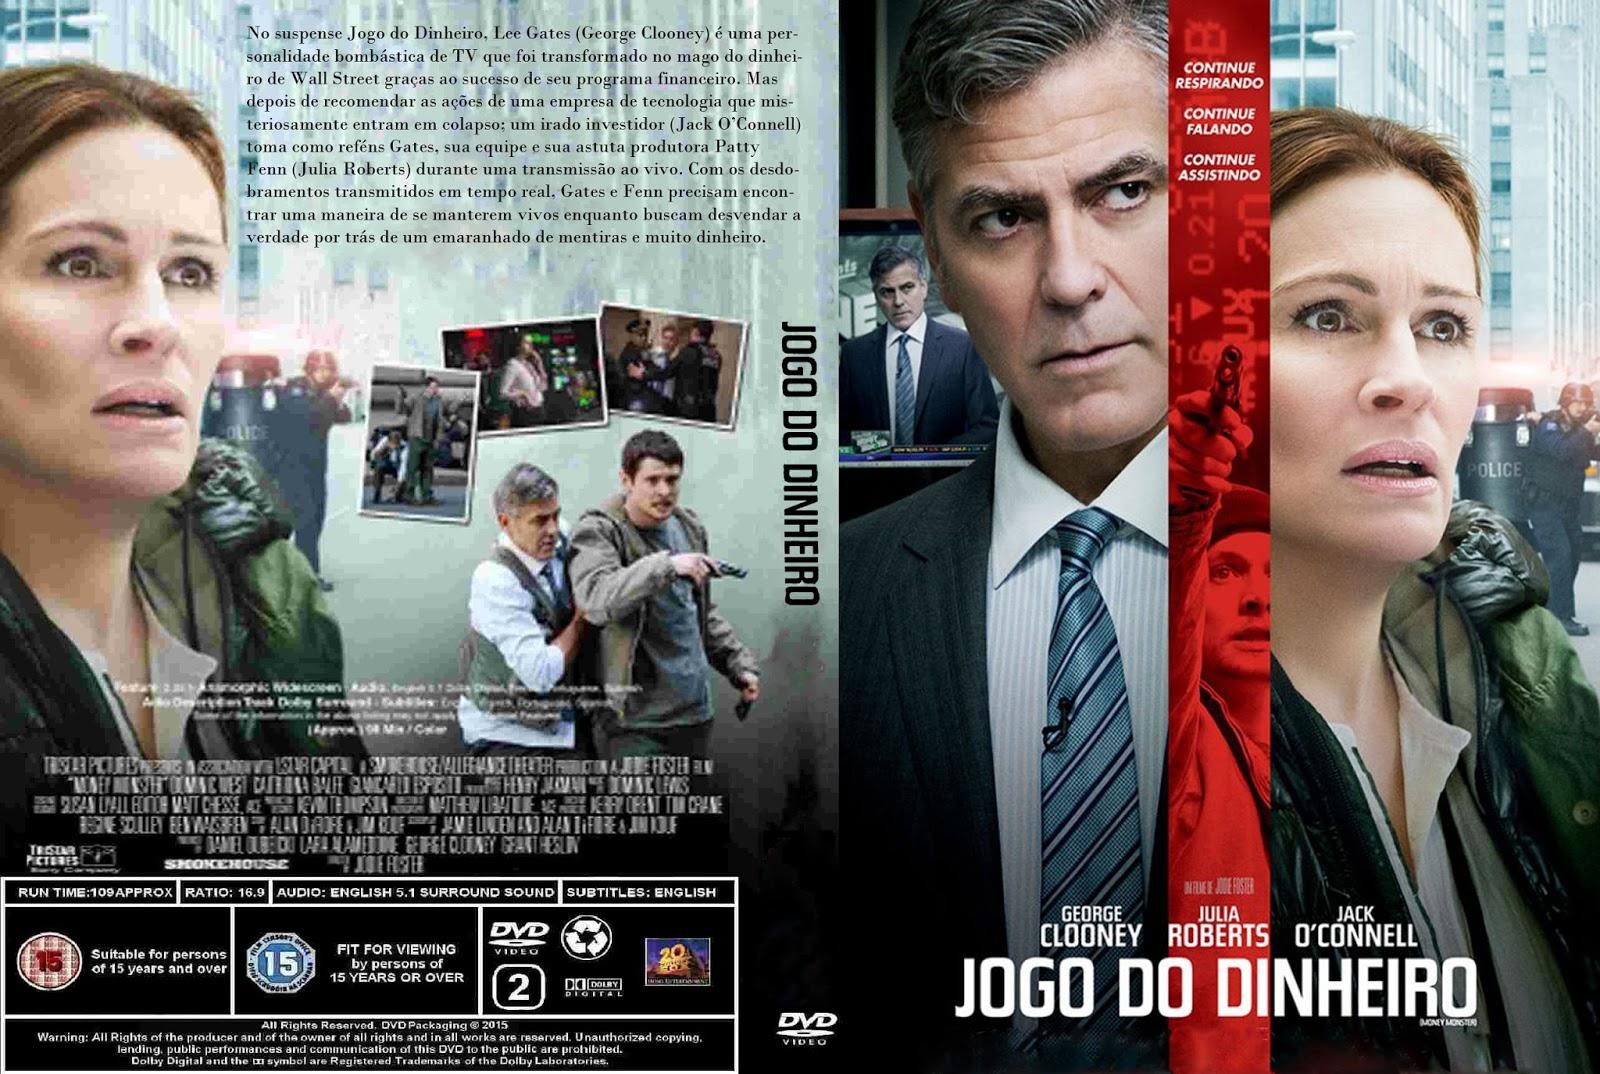 Jogo do Dinheiro DVD-R Jogo 2Bdo 2BDinheiro 2B 25282016 2529